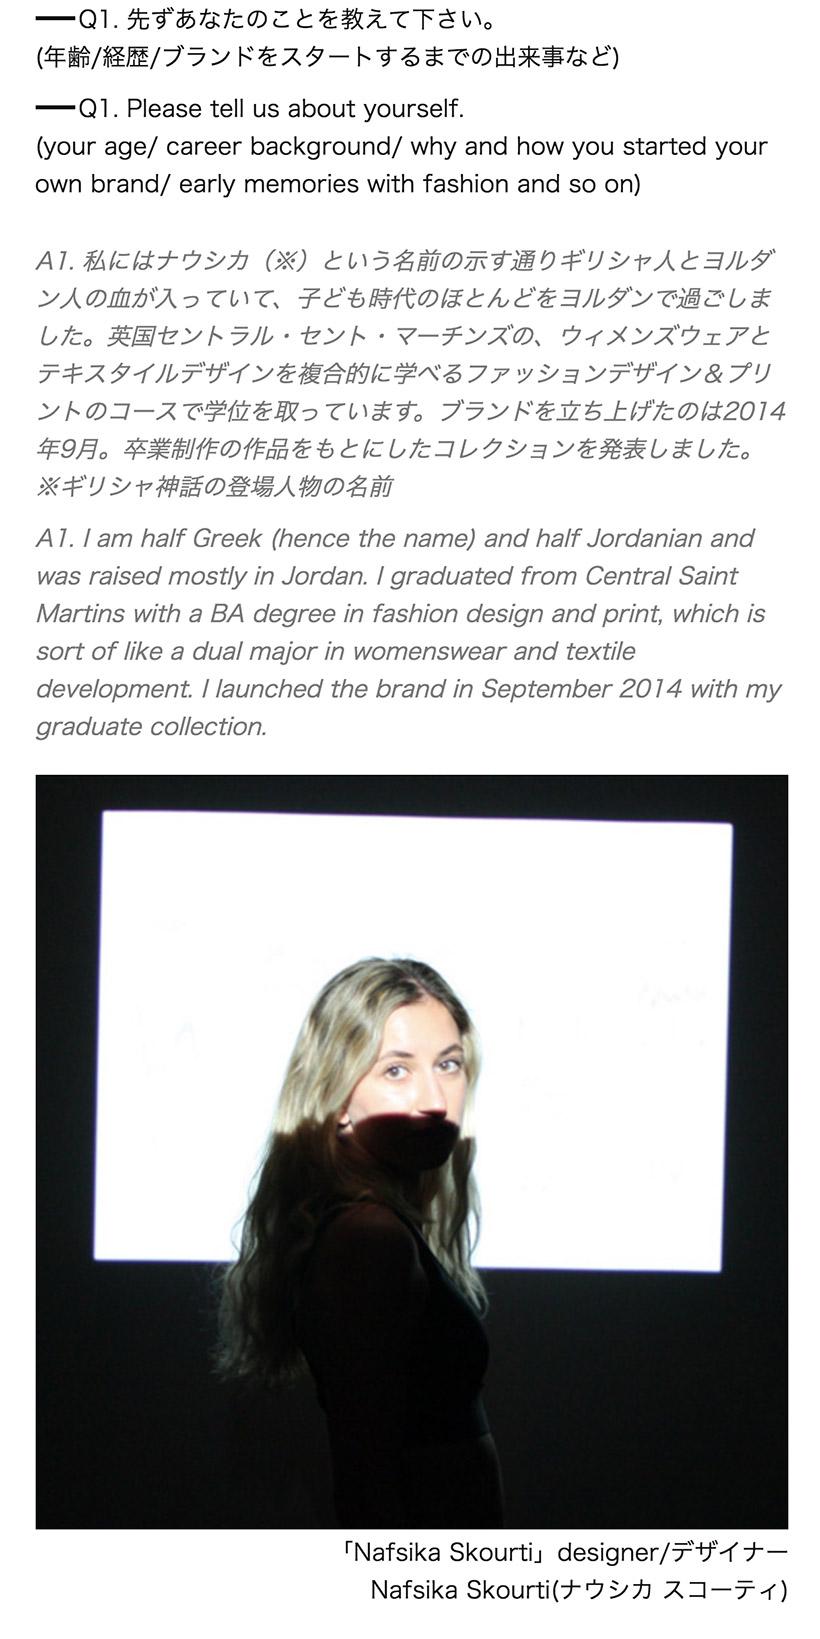 Nafsika Skourti Special Interview